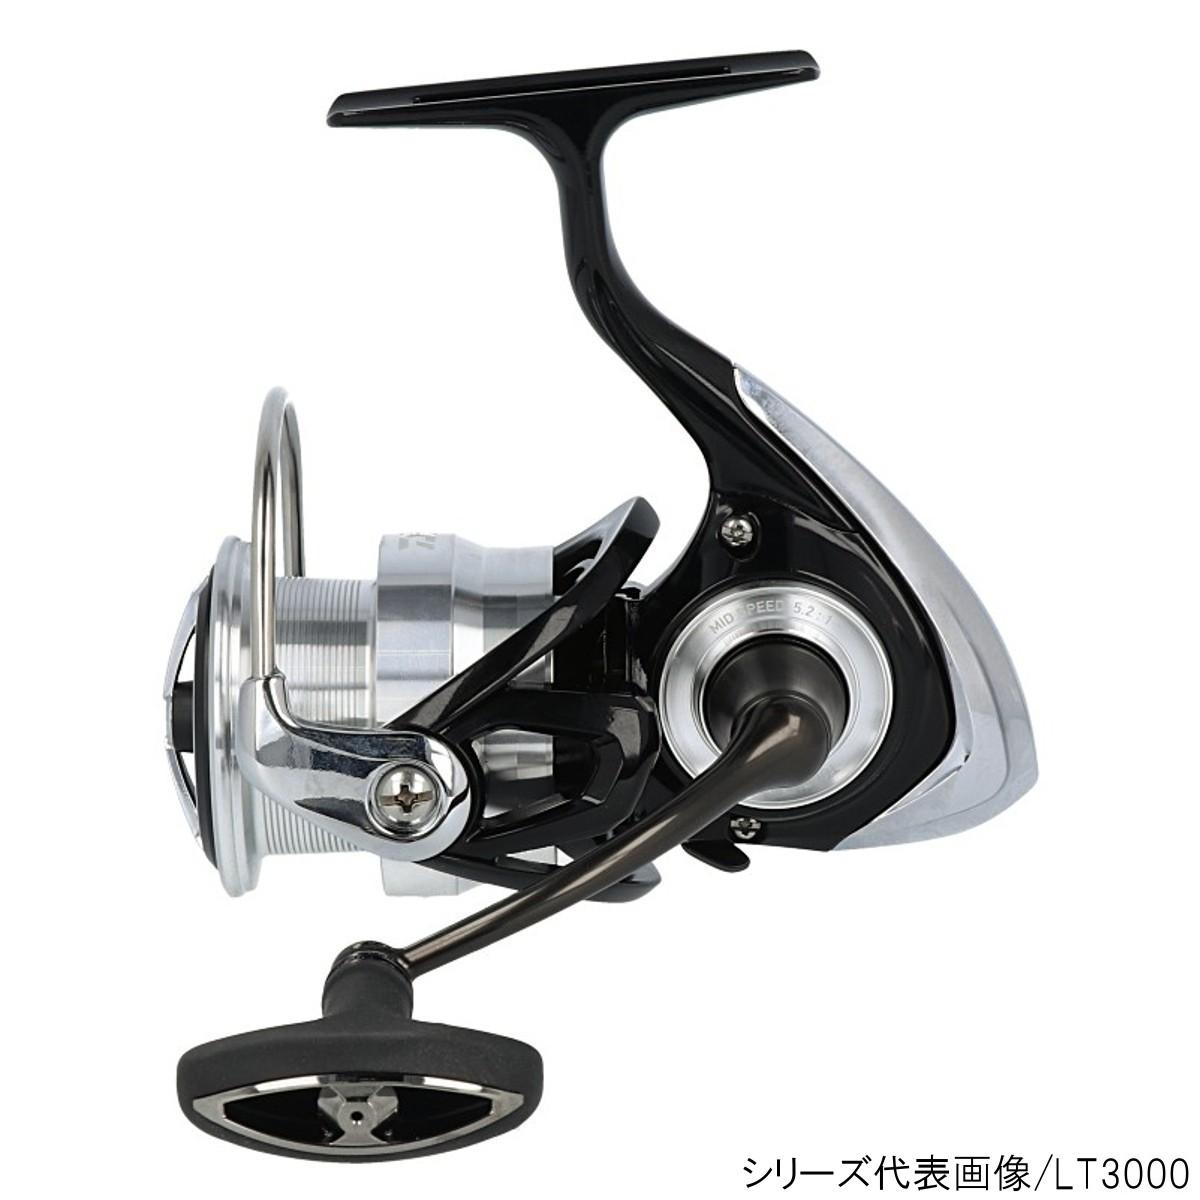 ダイワ レグザ LT3000-XH